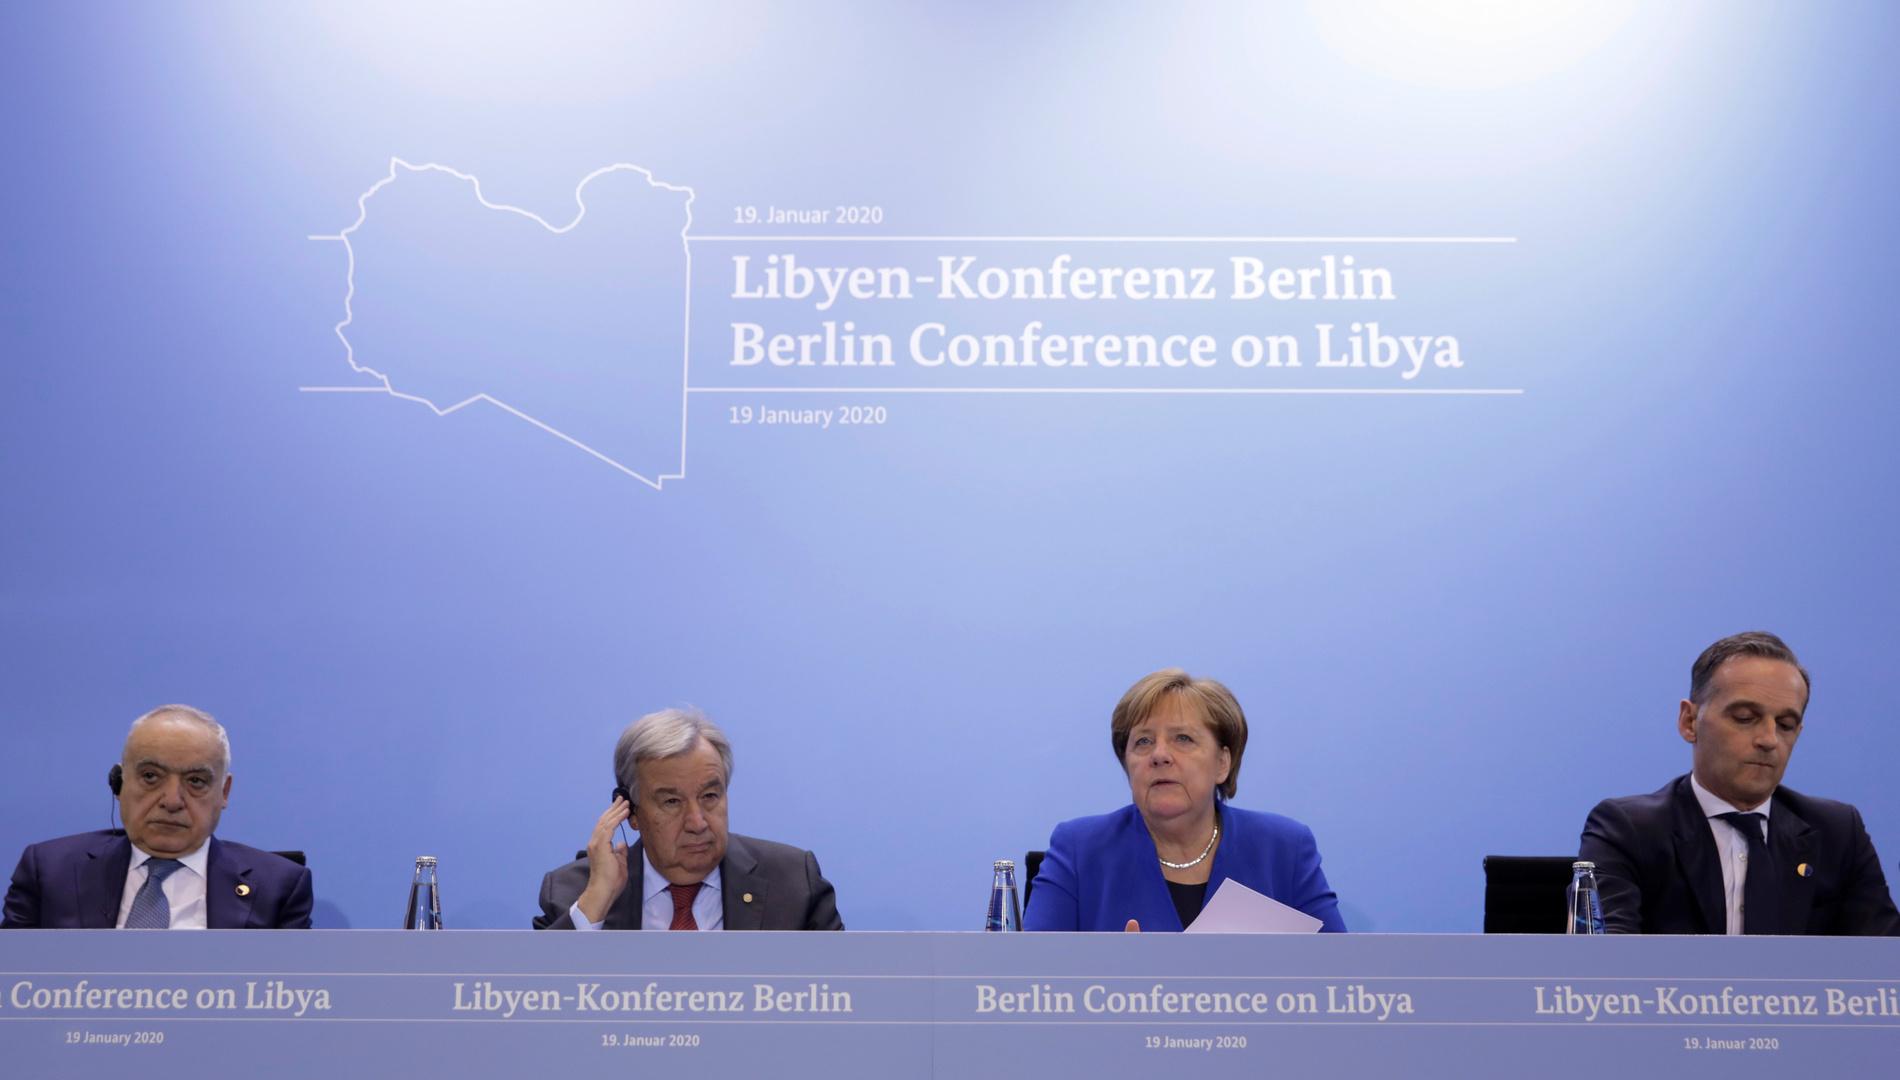 مؤتمر صحفي للإعلان عن نتائج مؤتمر برلين حول ليبيا